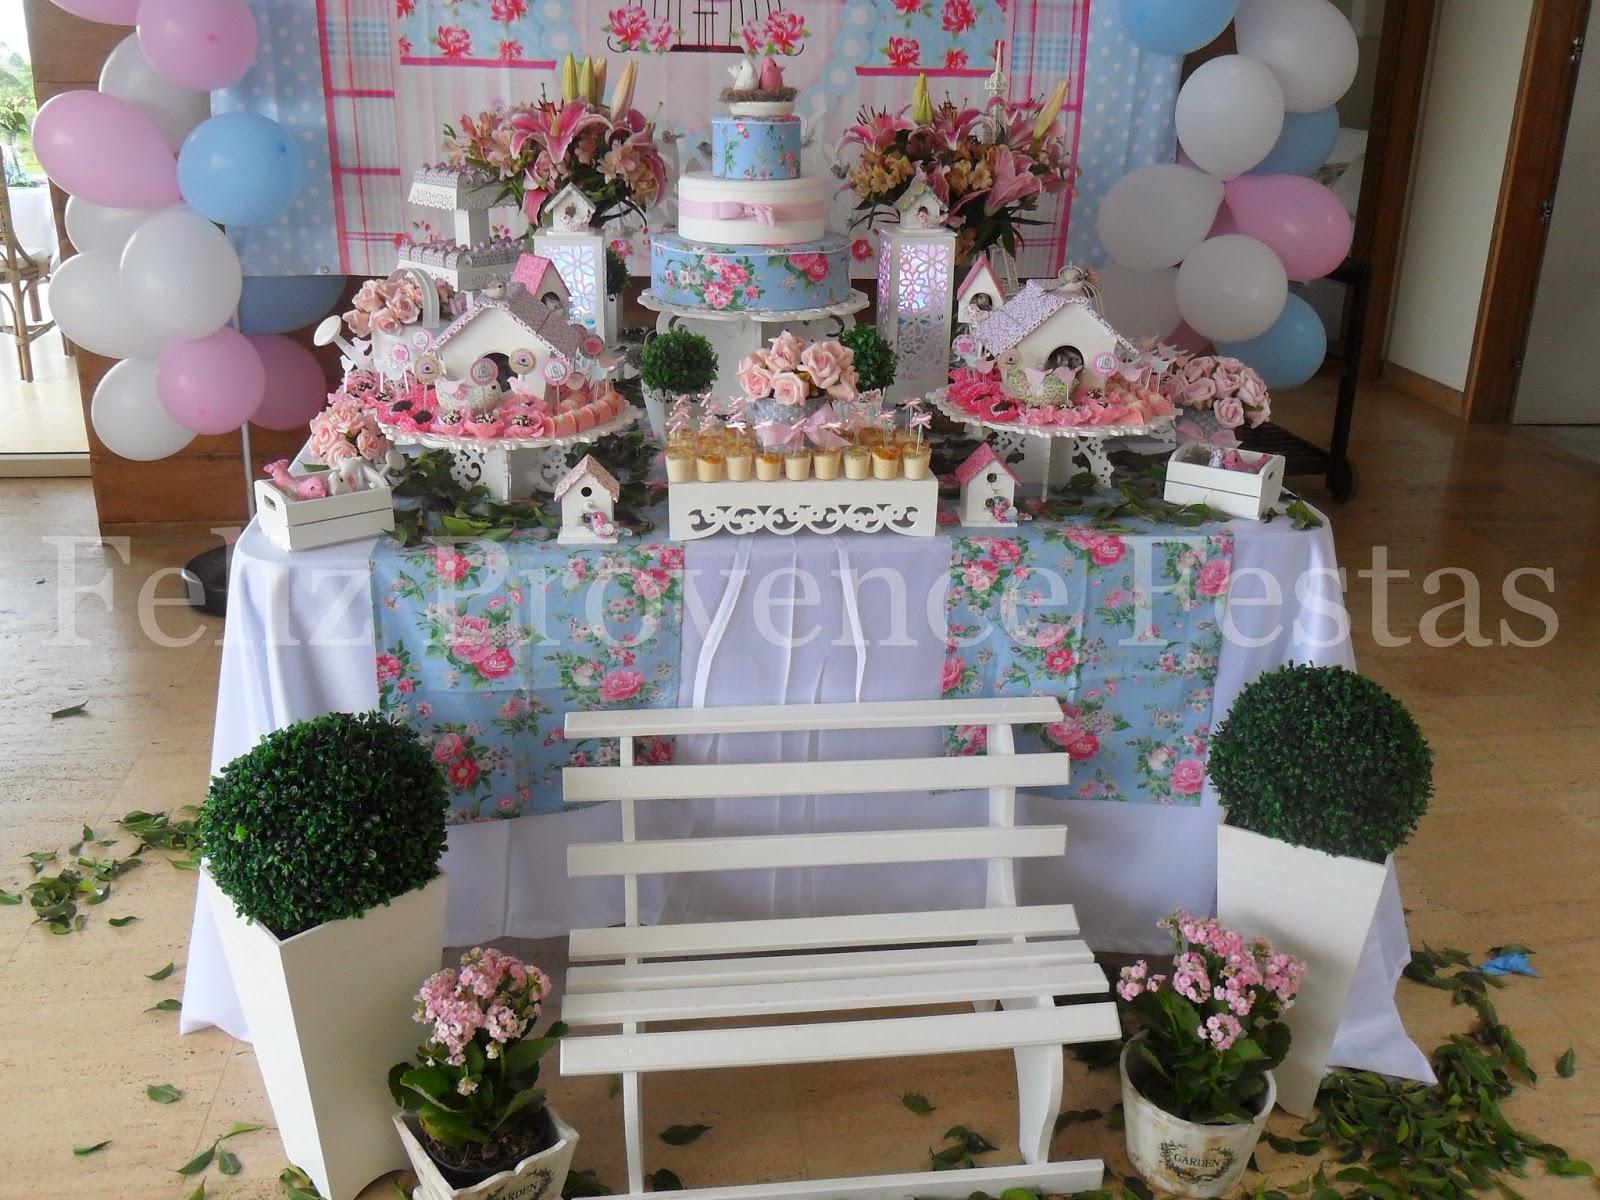 mesa de festa infantil jardim encantado : mesa de festa infantil jardim encantado:Feliz Provence Festas: Batizado + 1º aninho: Jardim Encantado